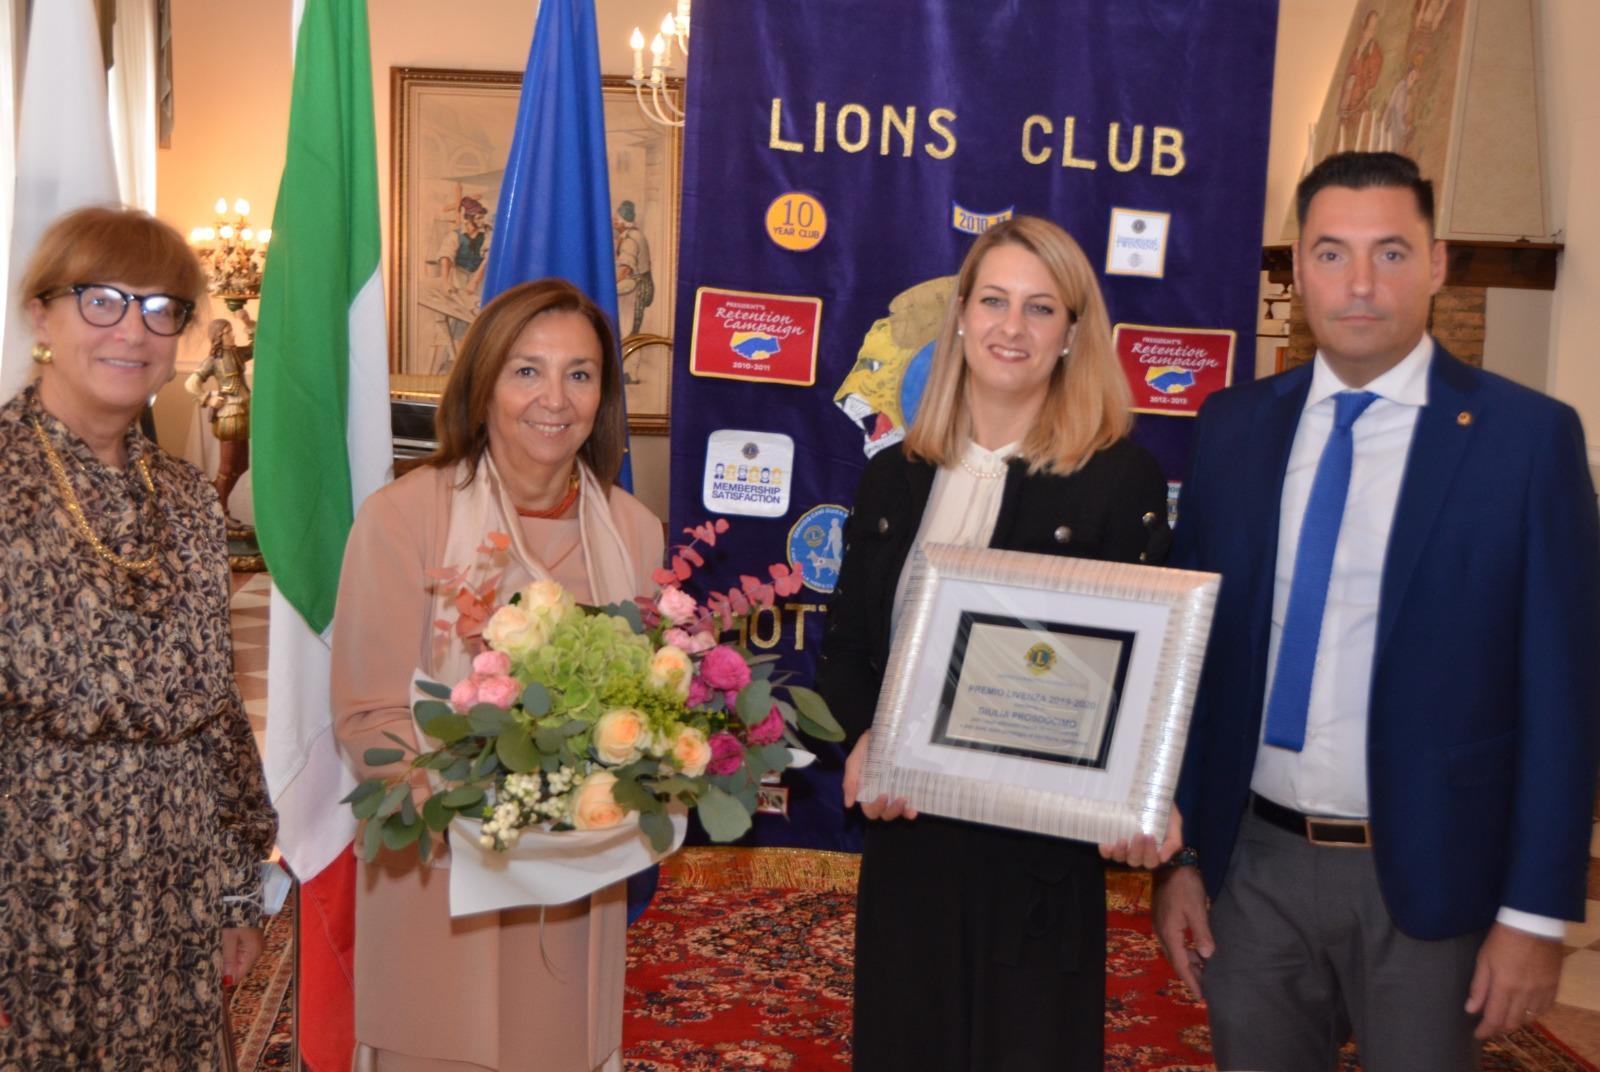 Premio Livenza 2020 – Lions Club di Motta di Livenza